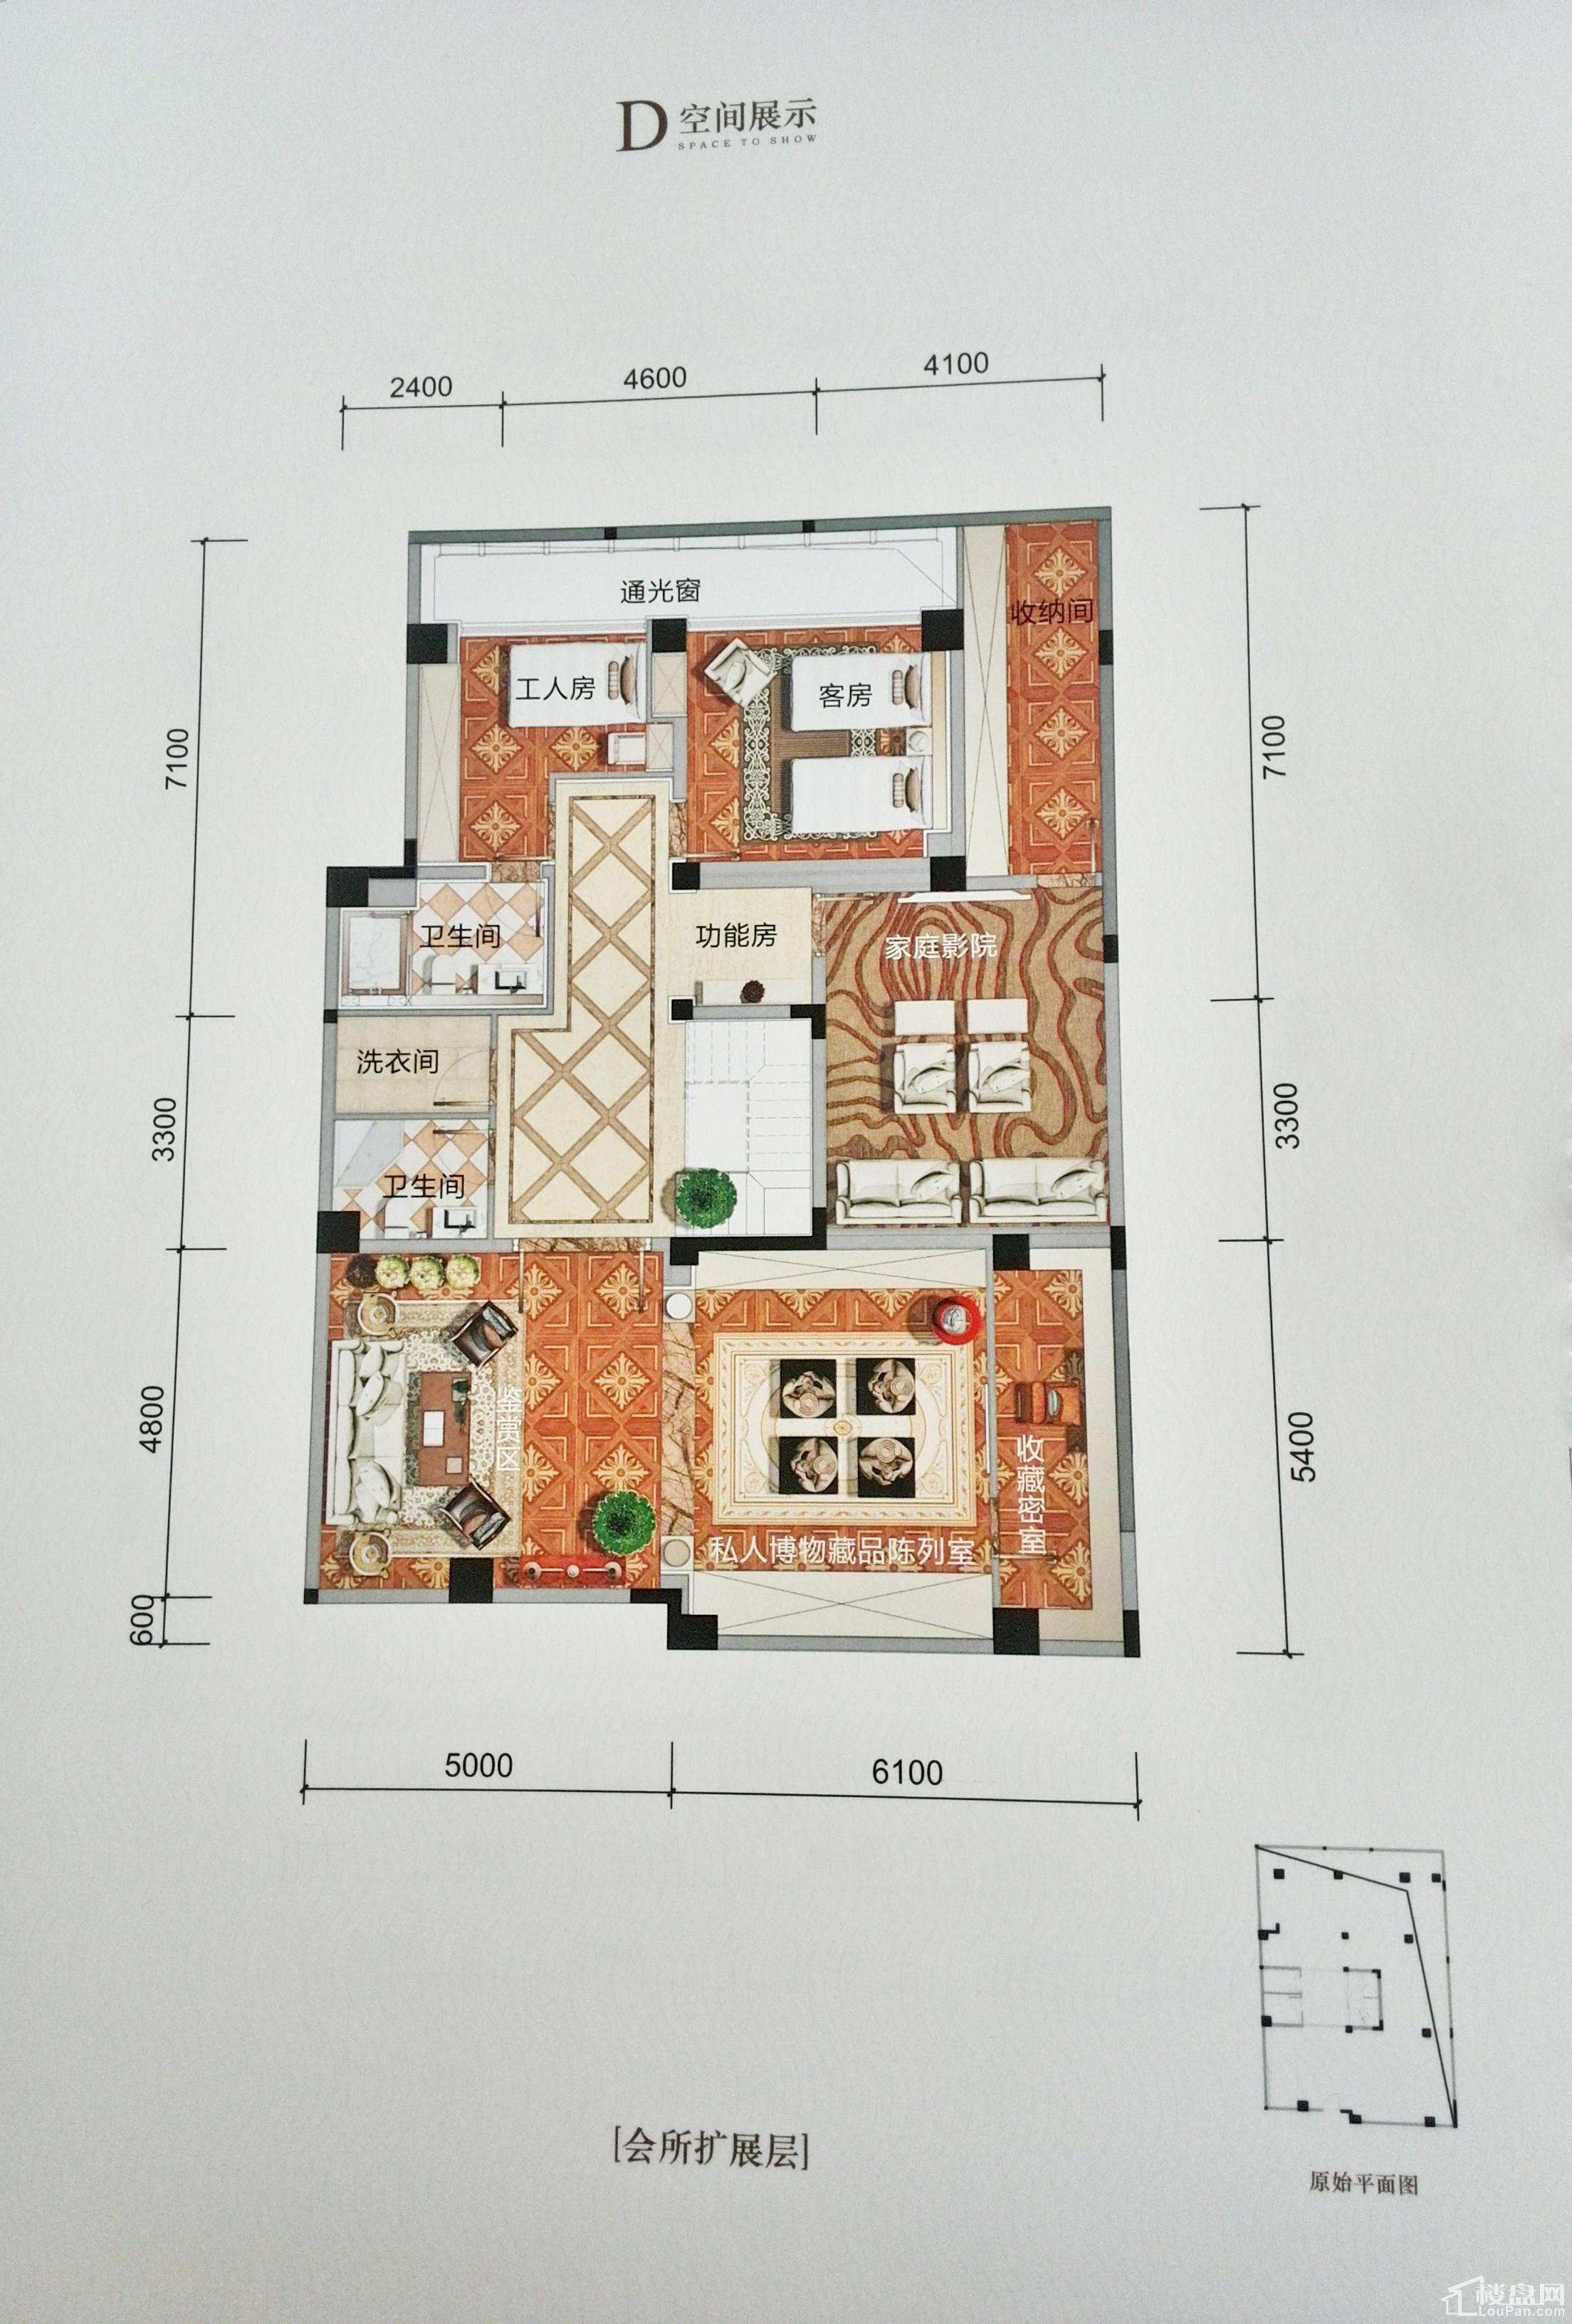 英郦庄园桥郡D会所扩展层户型图